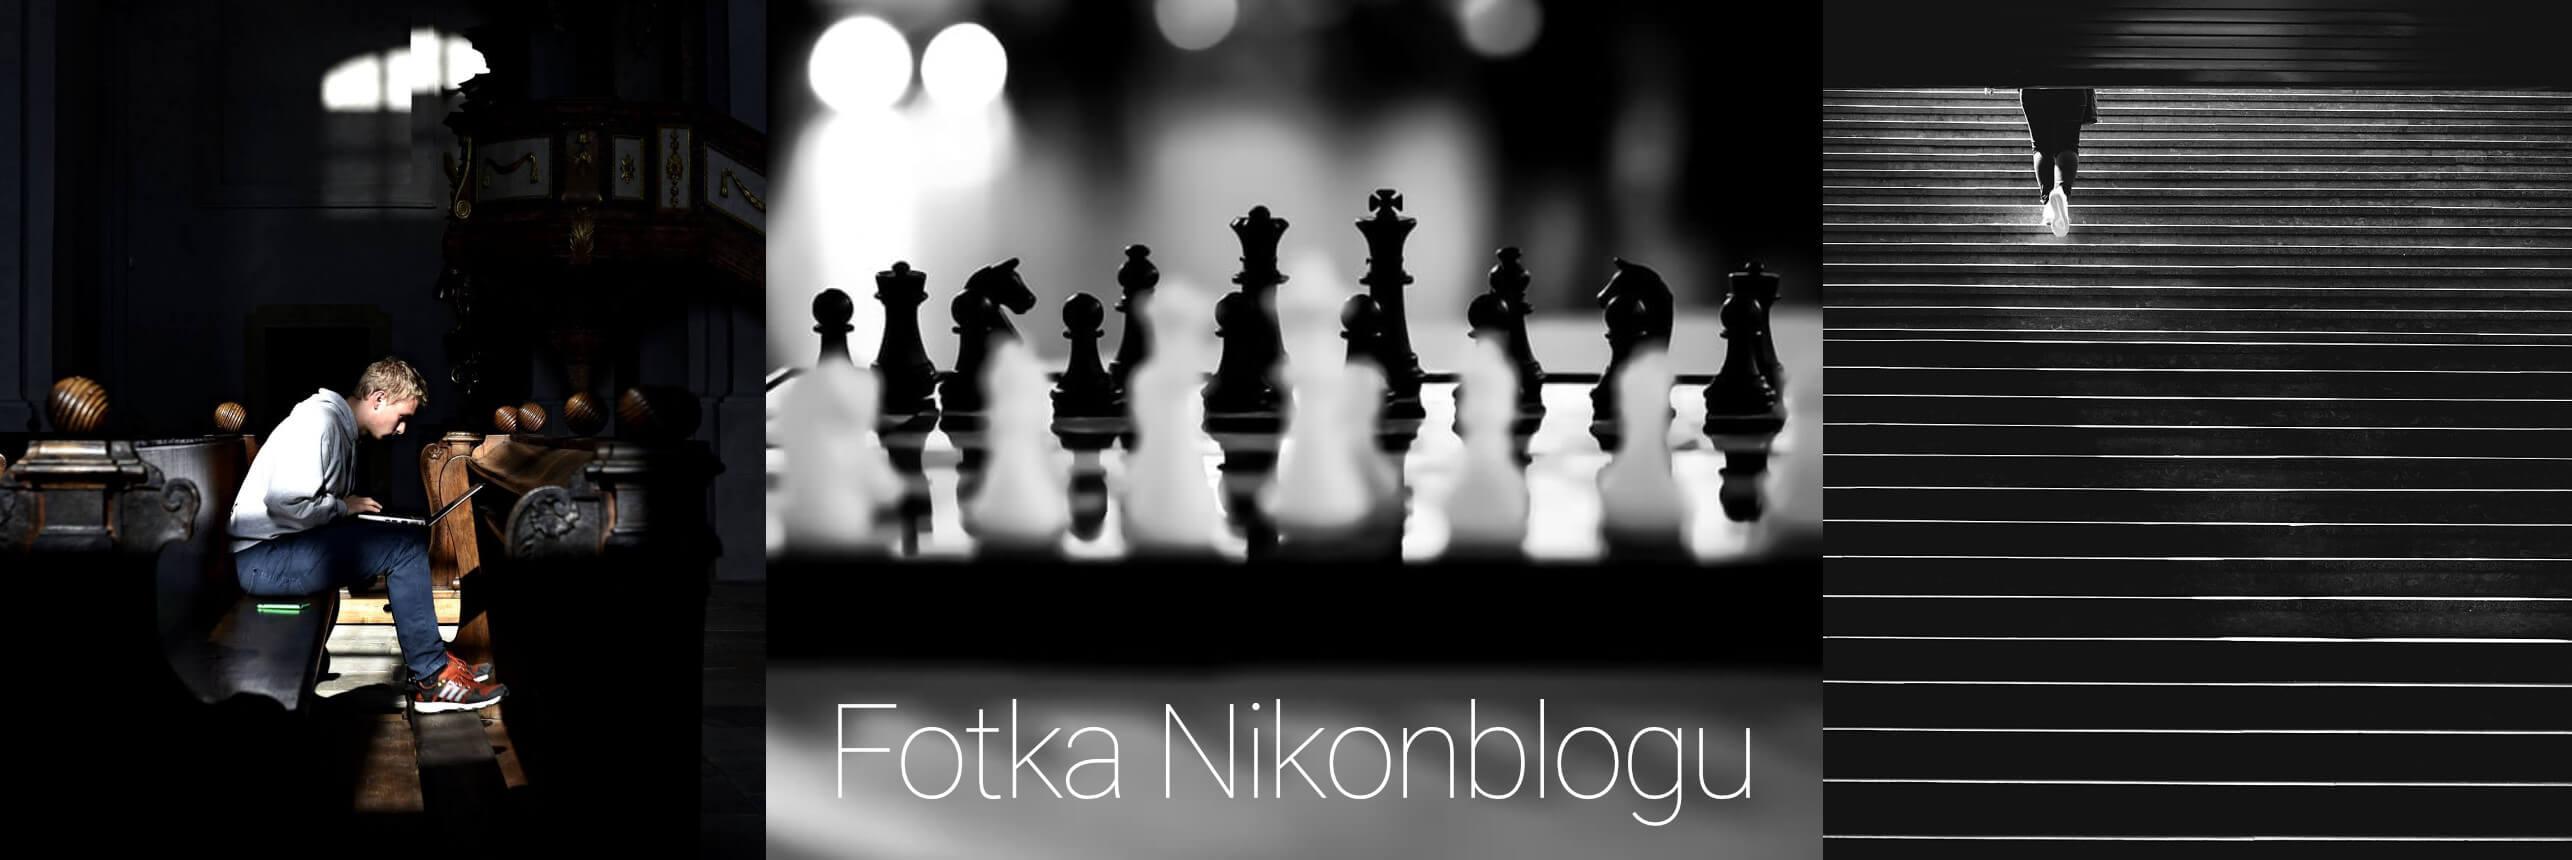 Ve světle a stínu 2. kola Fotky Nikonblogu. Jaké fotografie byly nejlepší?